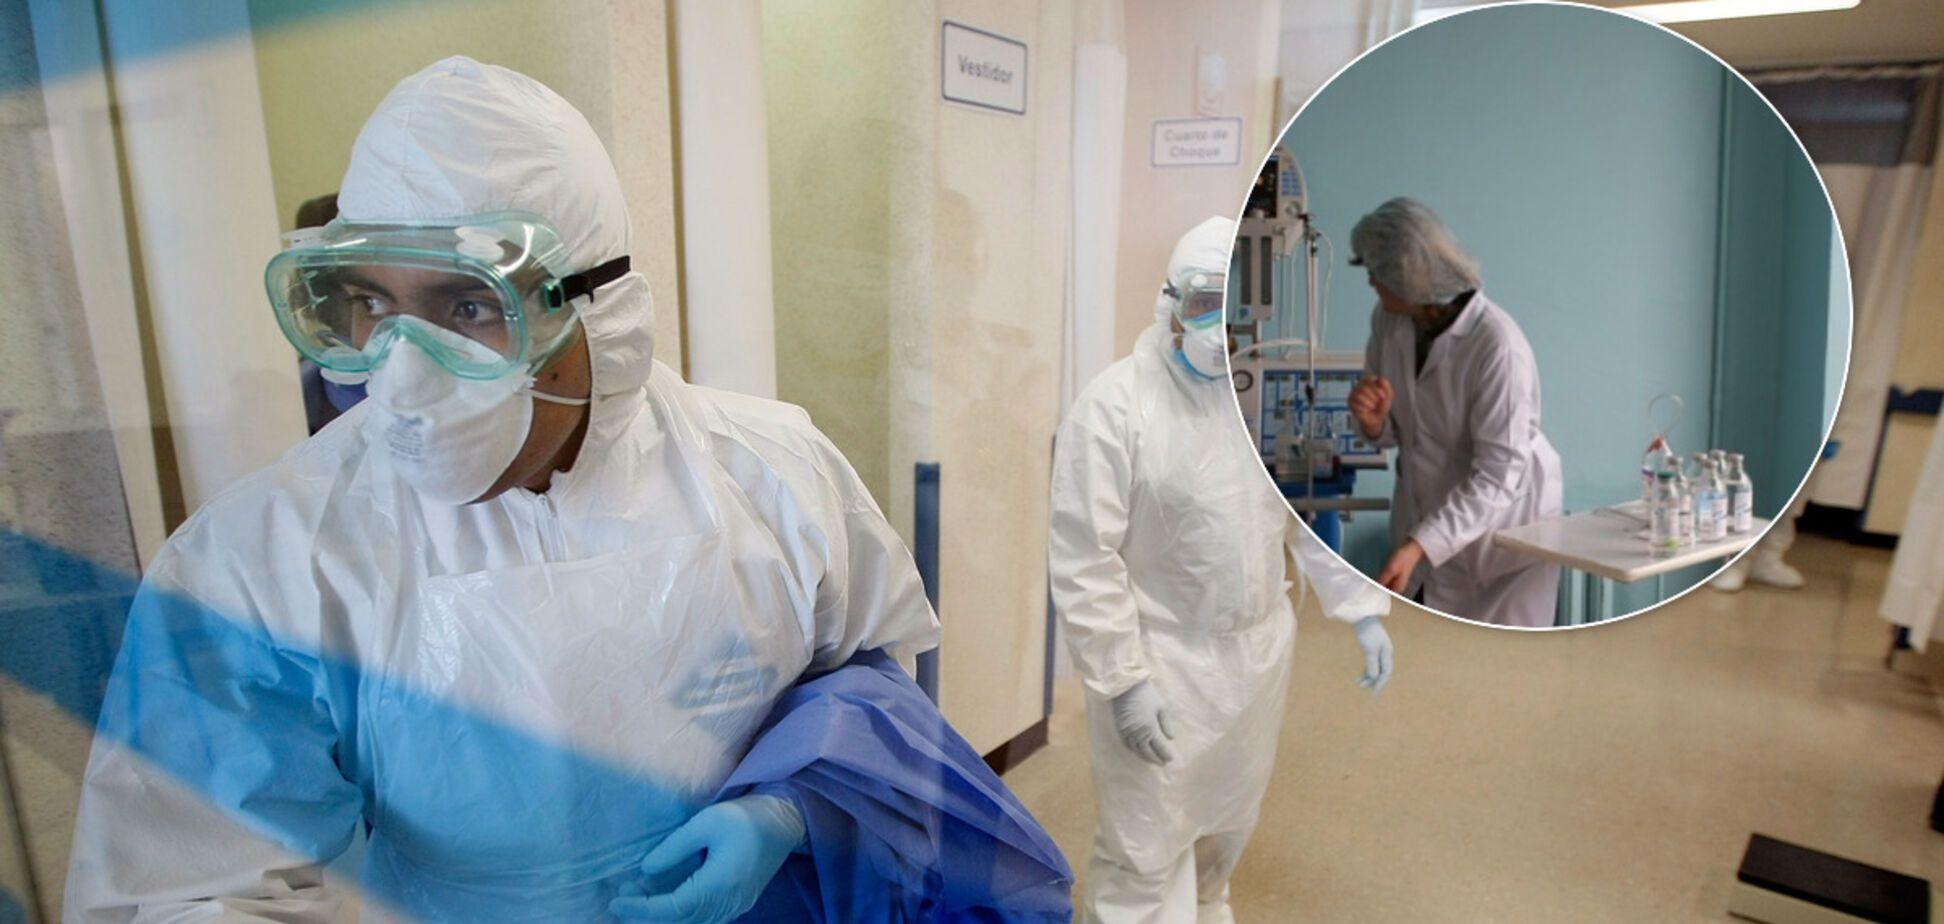 Больница в Кременчуге стала рассадником коронавируса: руководство скрывает правду, а медики десятками инфицируются